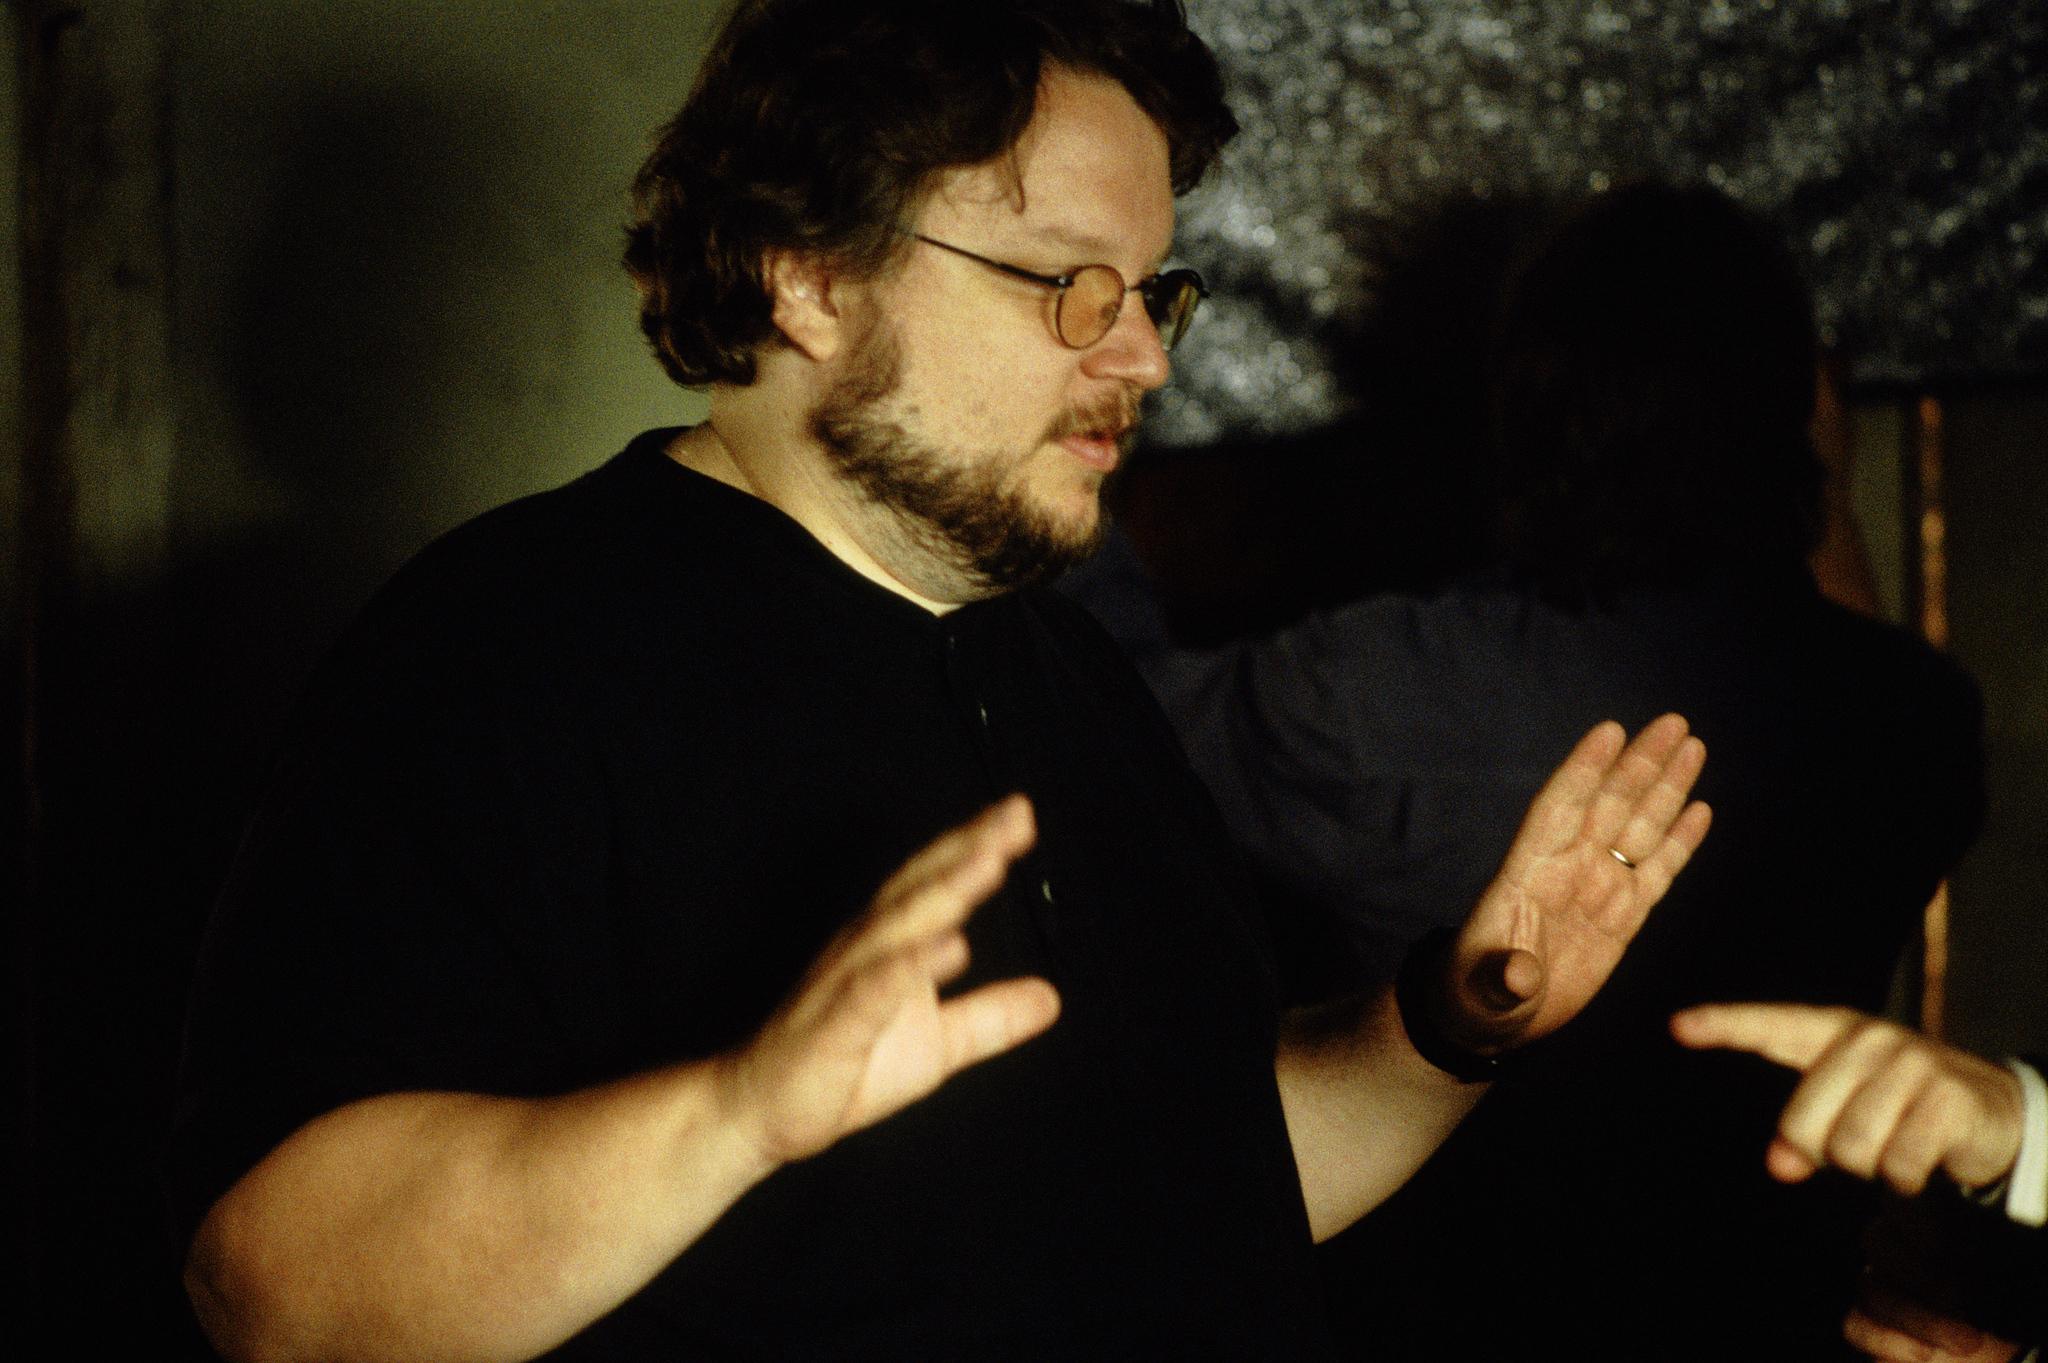 Guillermo del Toro in El laberinto del fauno (2006)